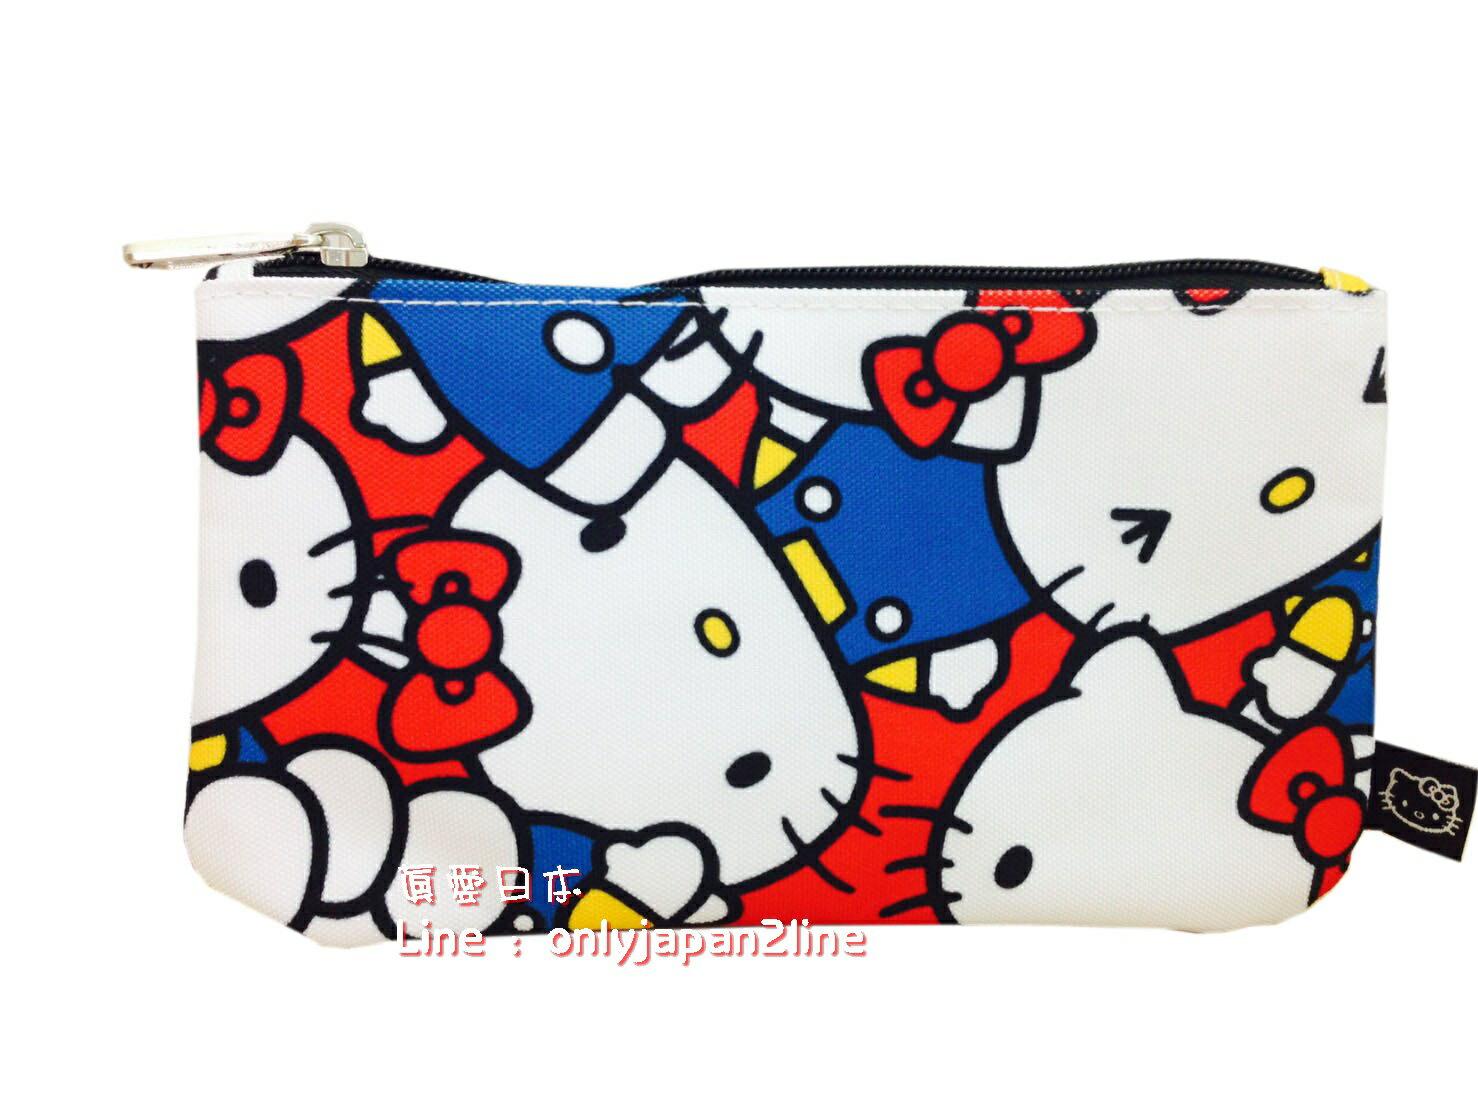 【真愛日本】16062400006LF聯名萬用包-滿版多表情藍衣    三麗鷗Hello Kitty凱蒂貓 化妝包 收納包